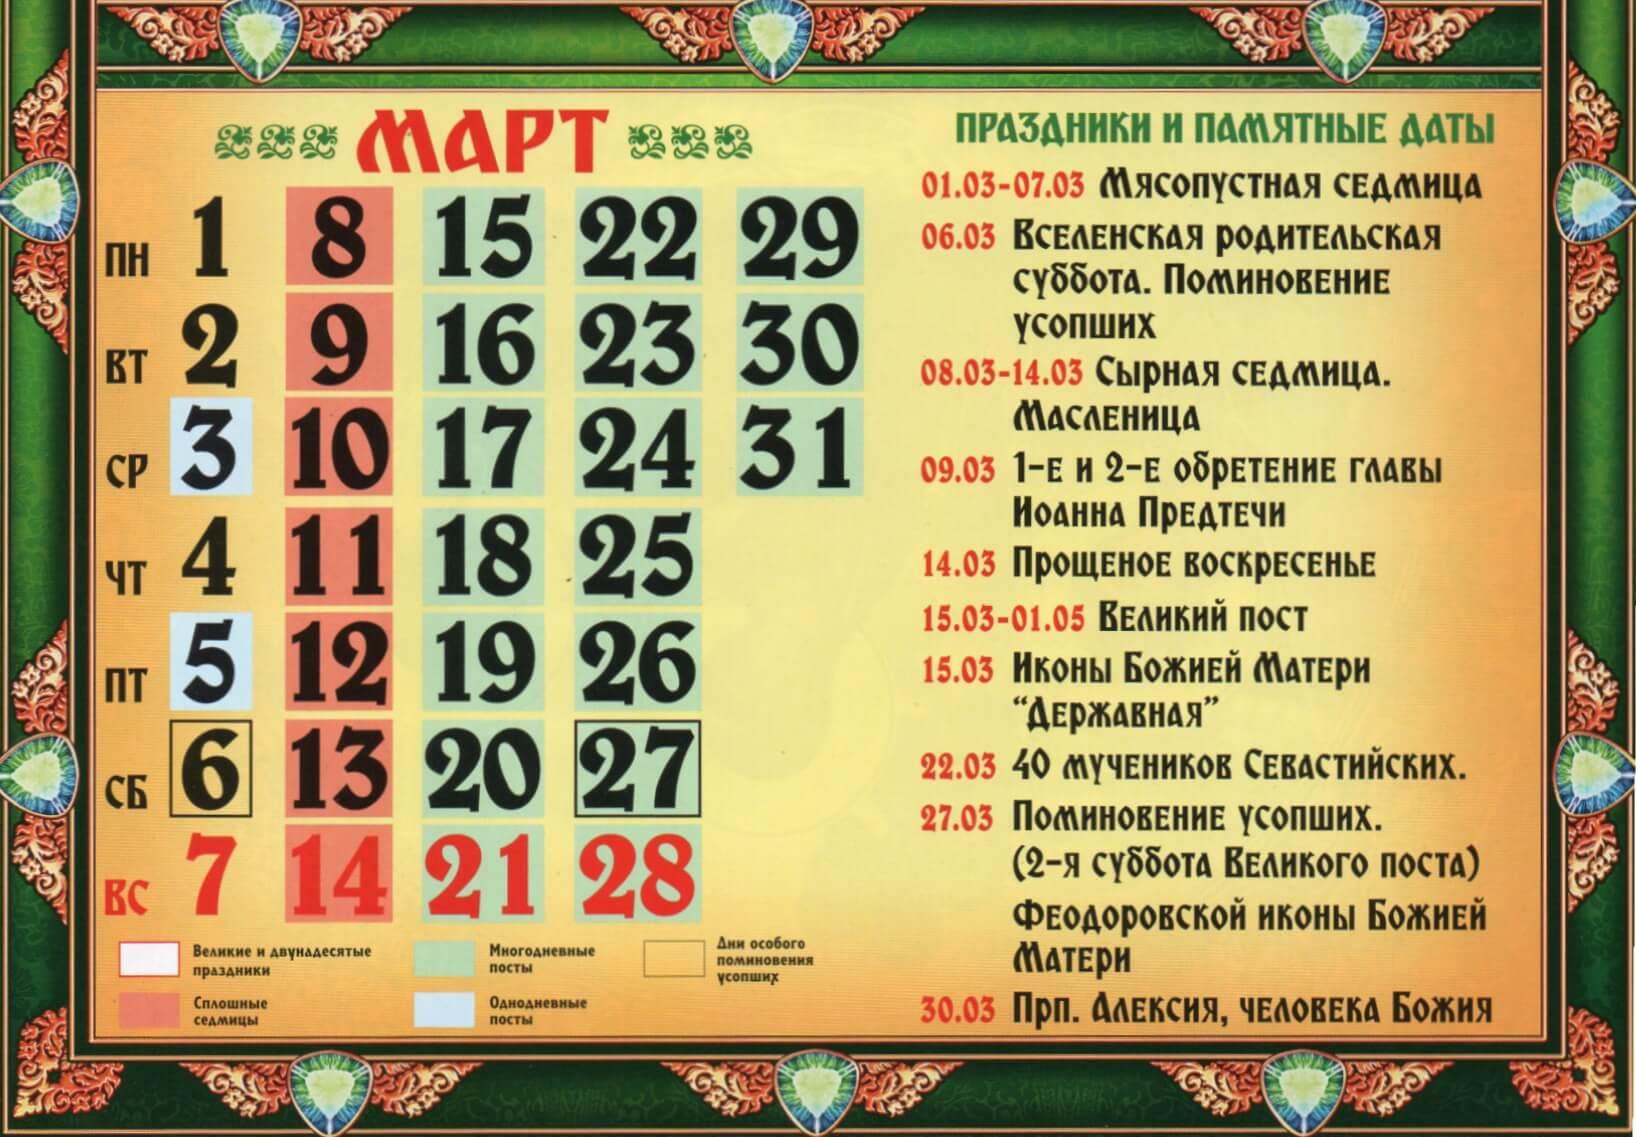 Православные церковные праздники в марте 2021 года